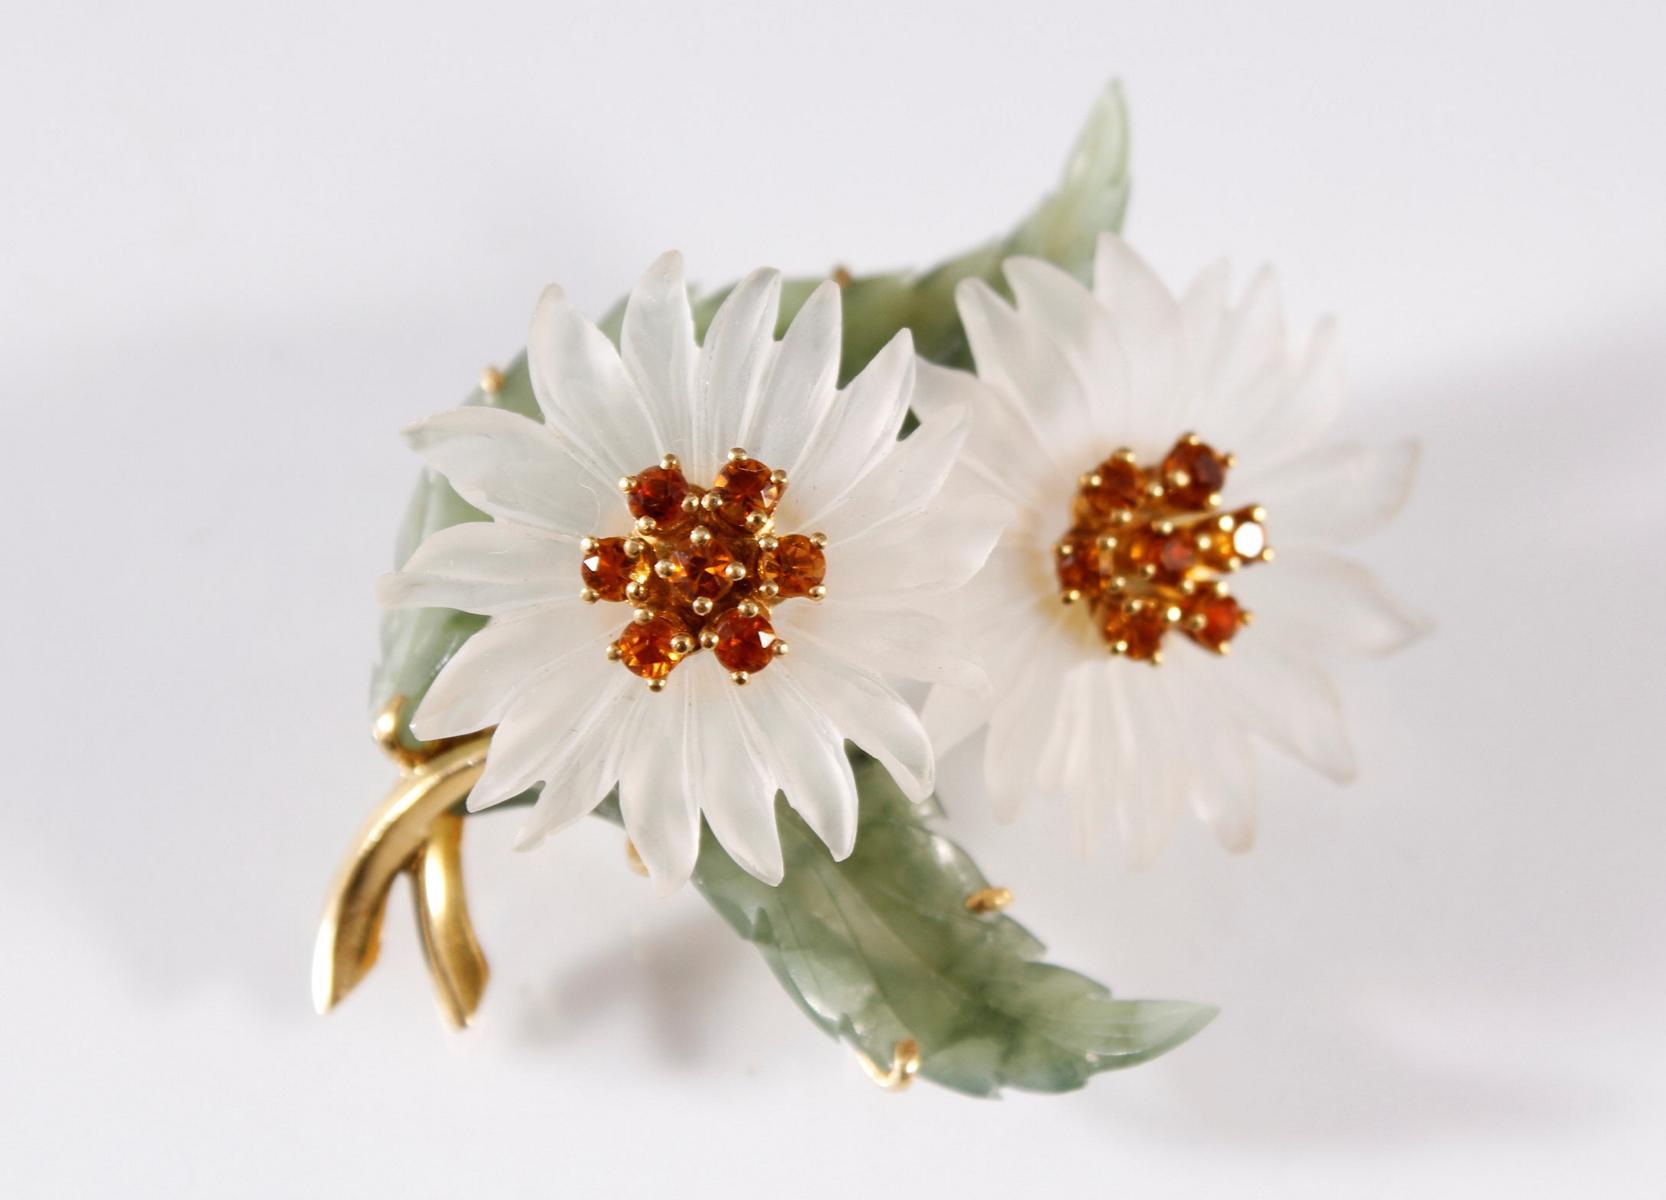 Brosche in Blütenform aus Jade, Kristall und Citrinen, Fassung aus 18 kt Gelbgold